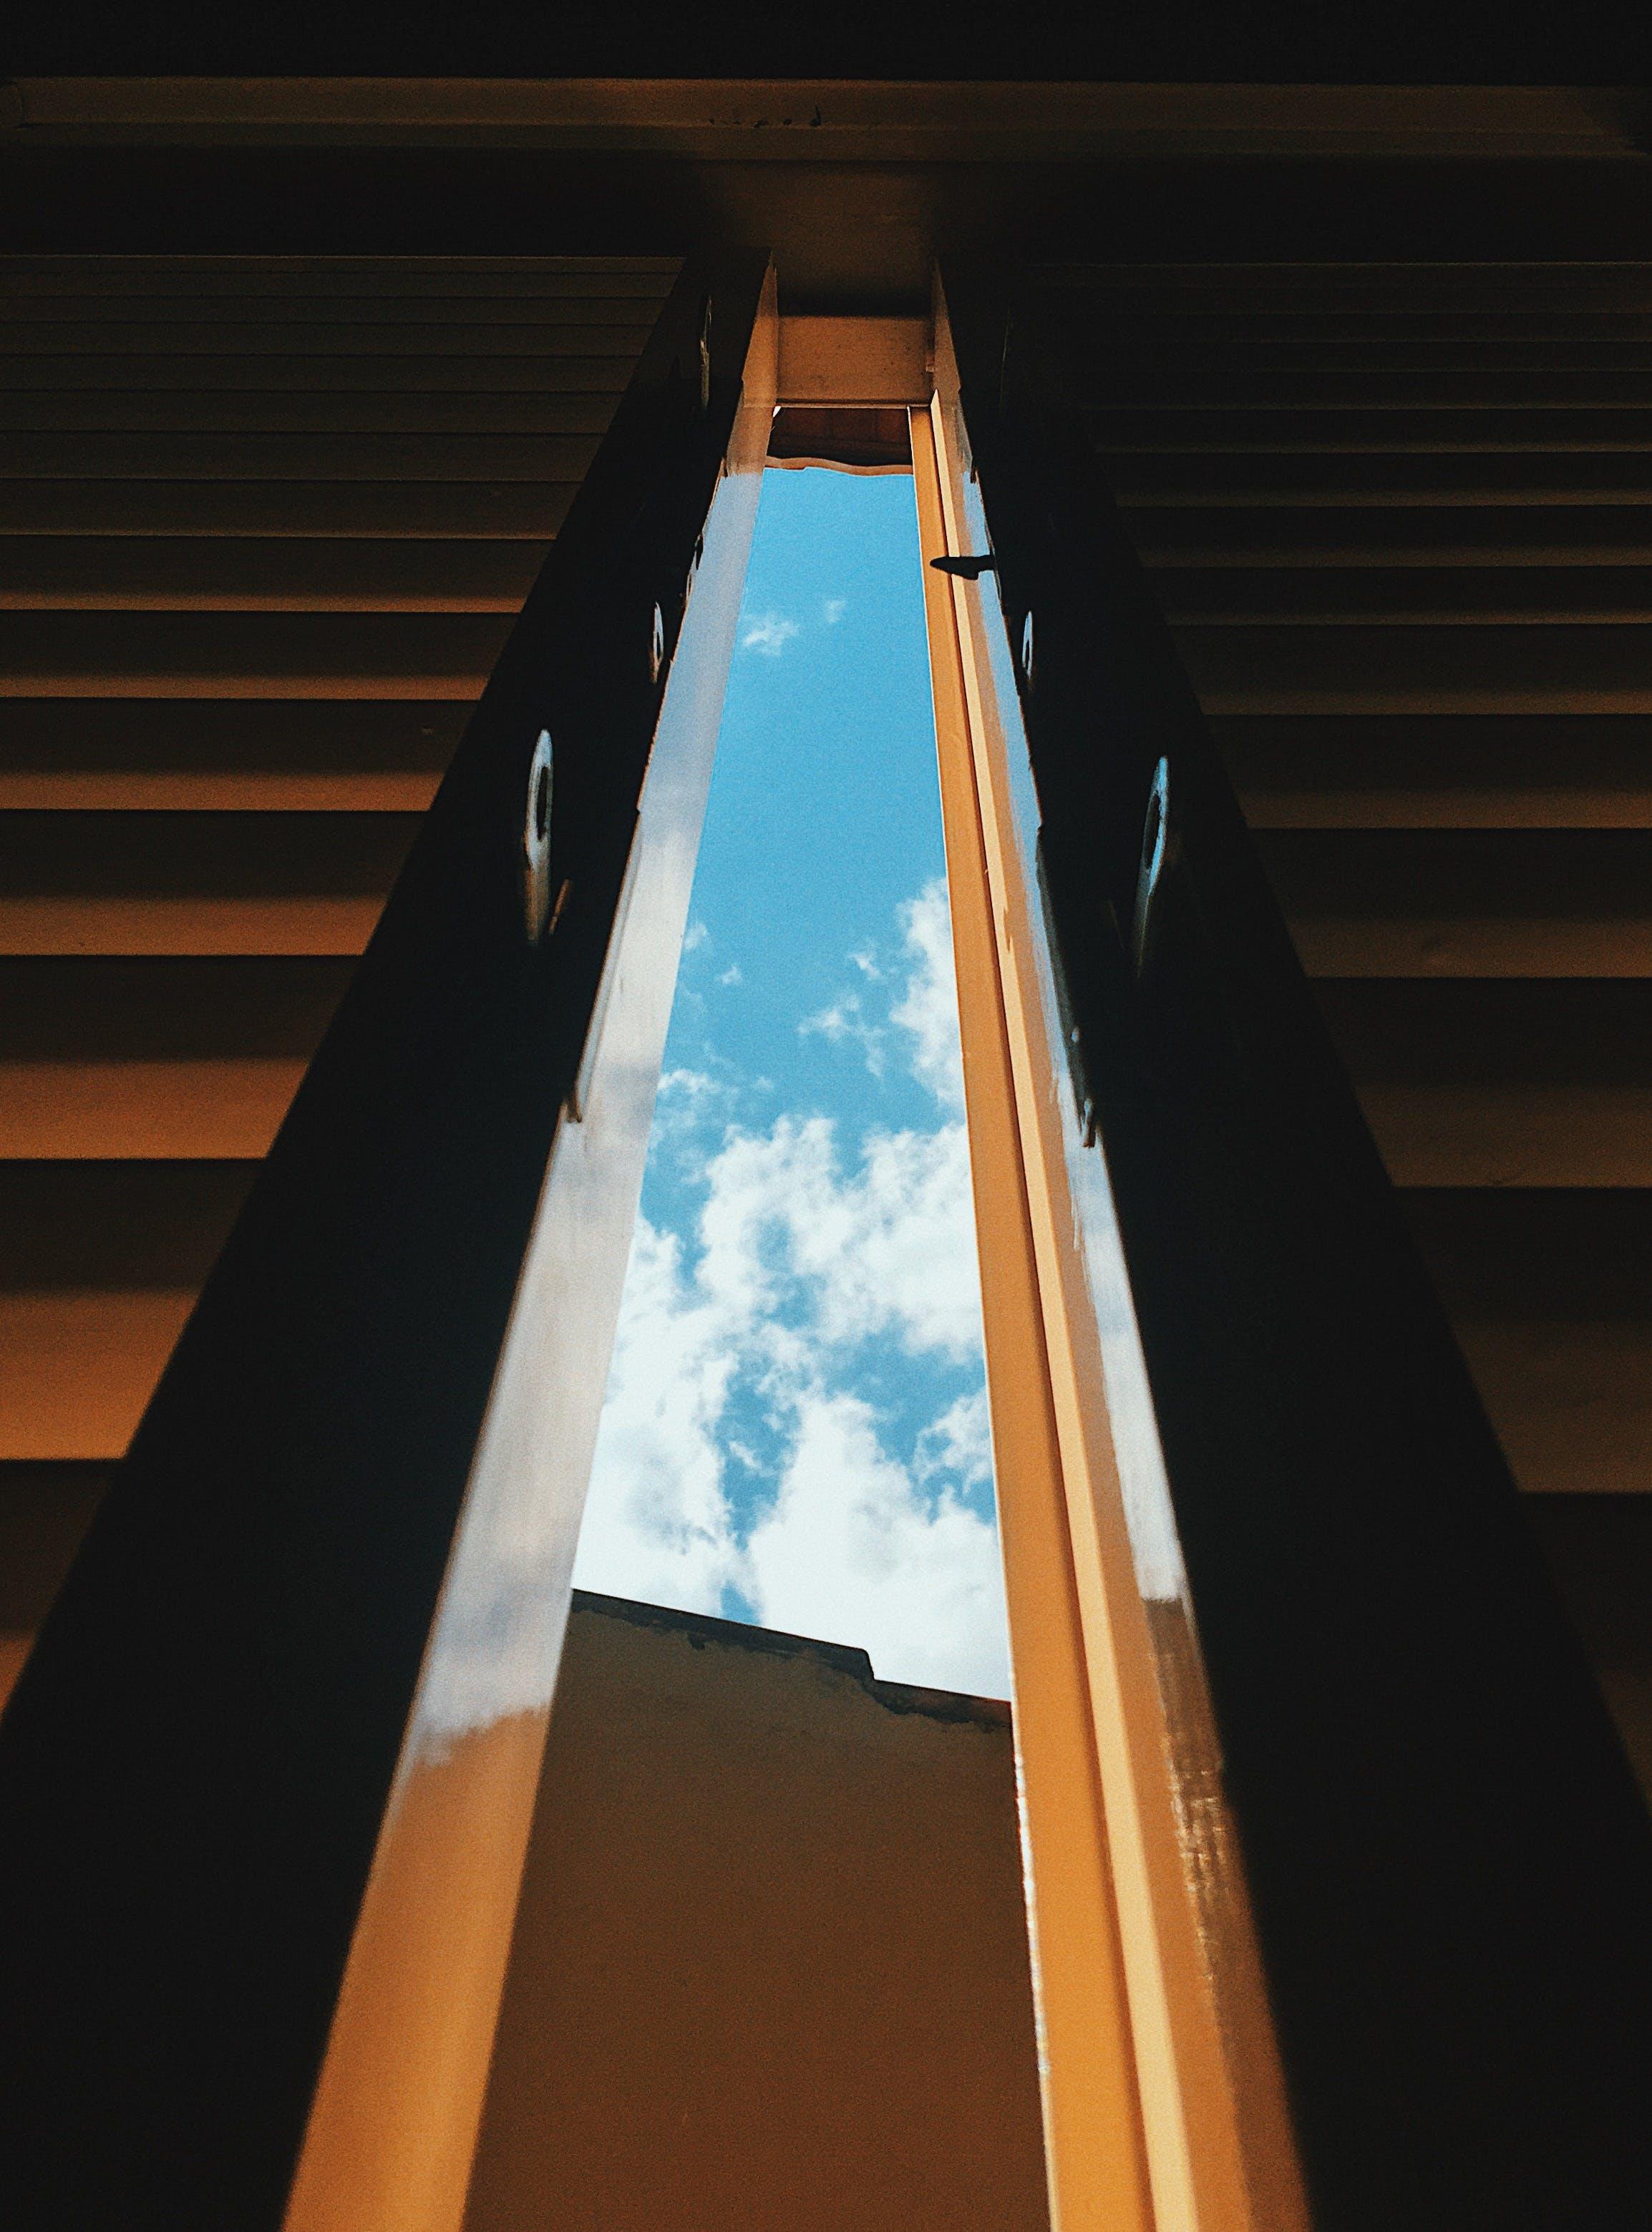 คลังภาพถ่ายฟรี ของ กลางวัน, ท้องฟ้า, ประตู, ภาพถ่ายมุมต่ำ